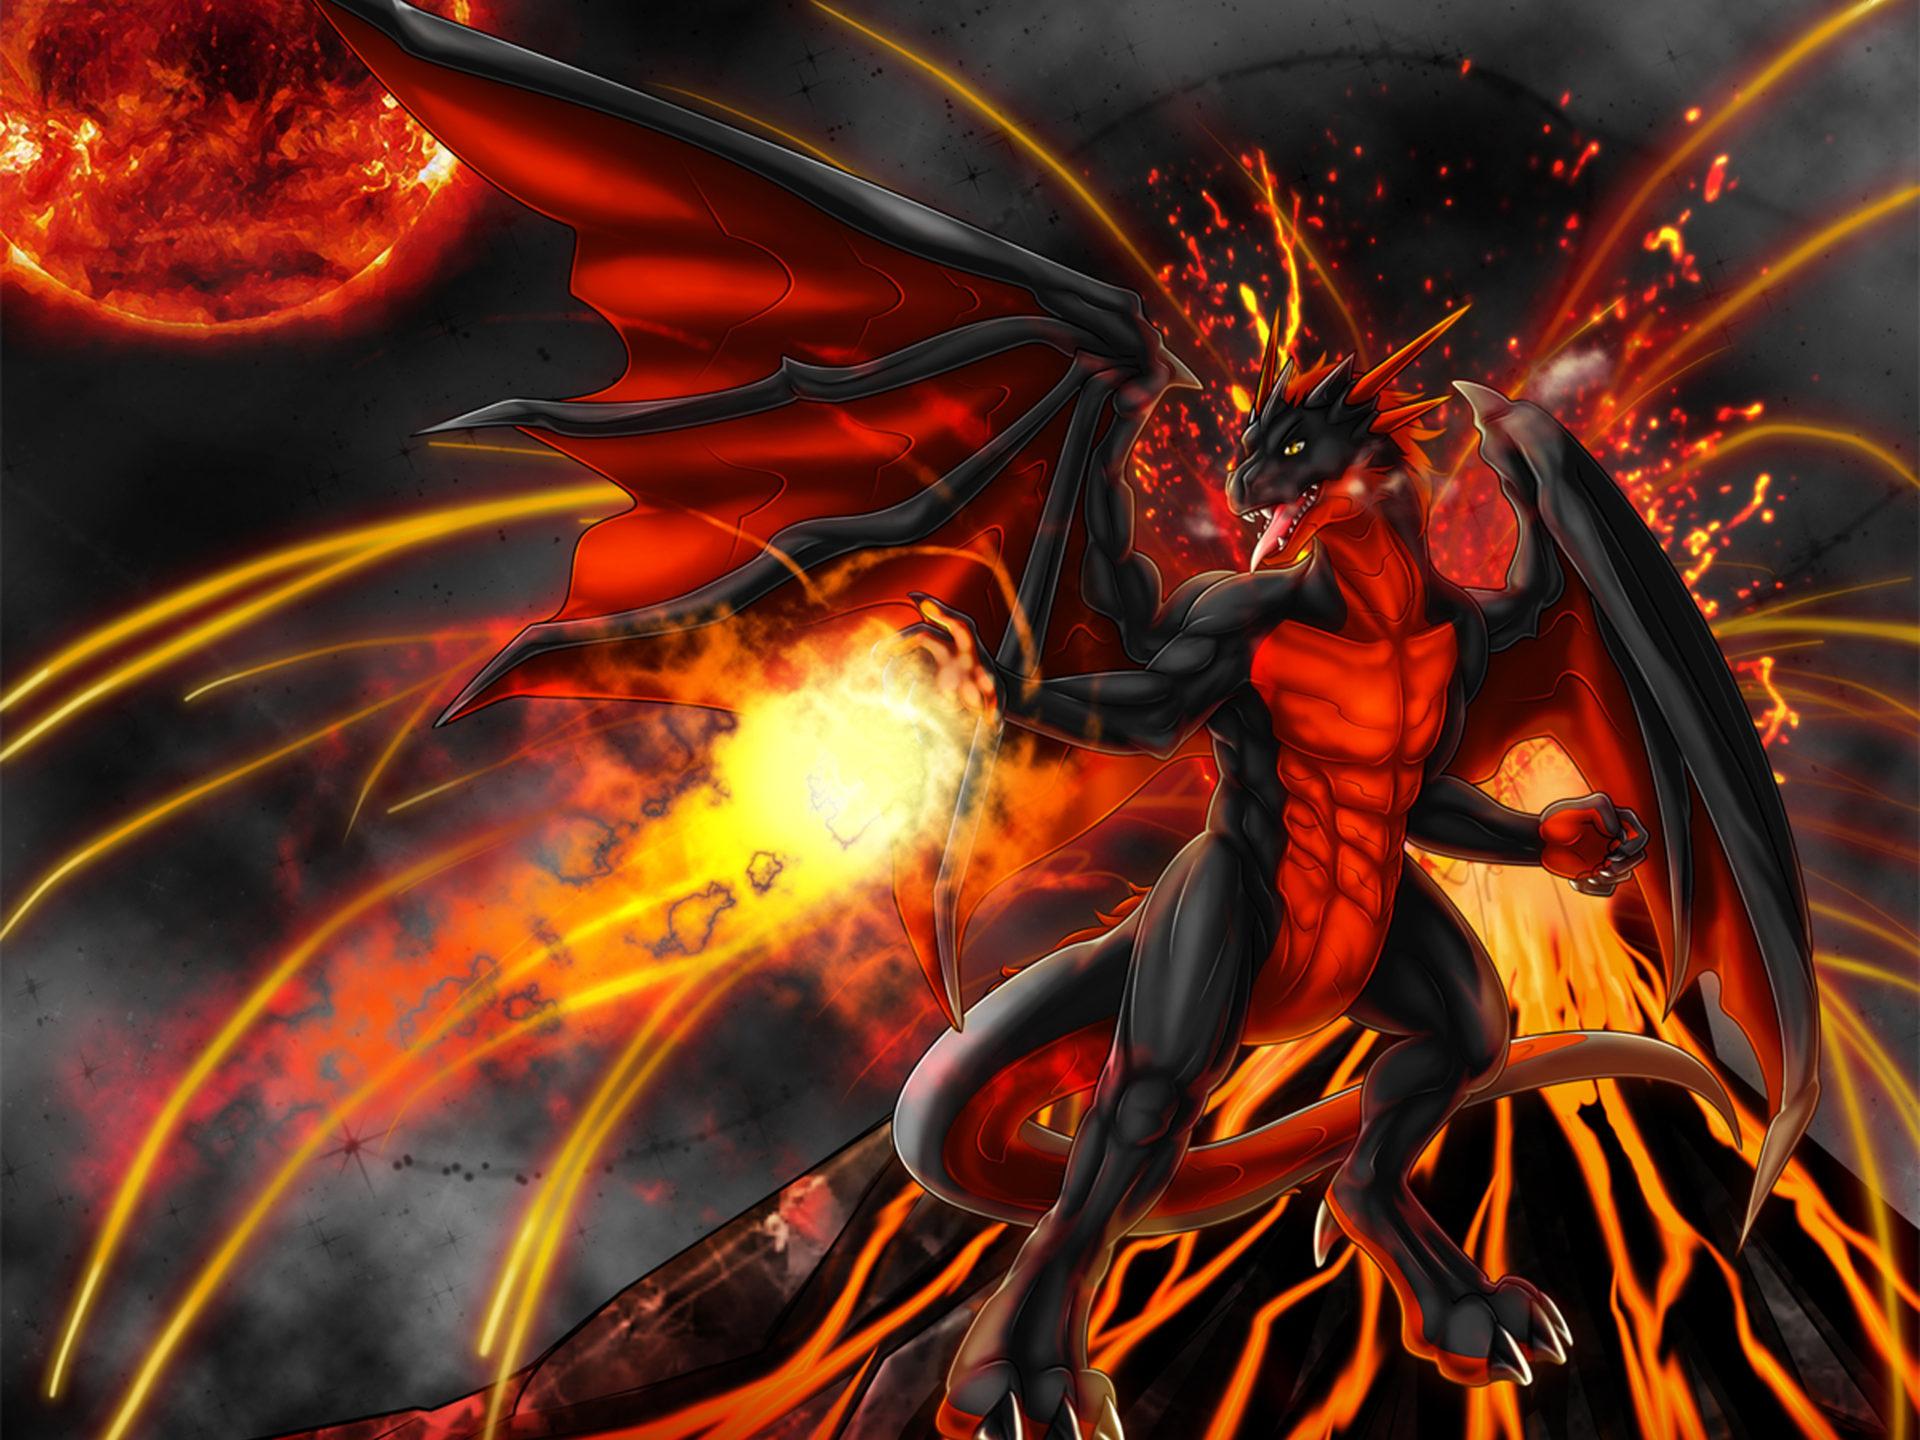 Monster Hunter Girl Wallpaper 1440 Red Dragon Anthro Desktop Hd Wallpaper 545224